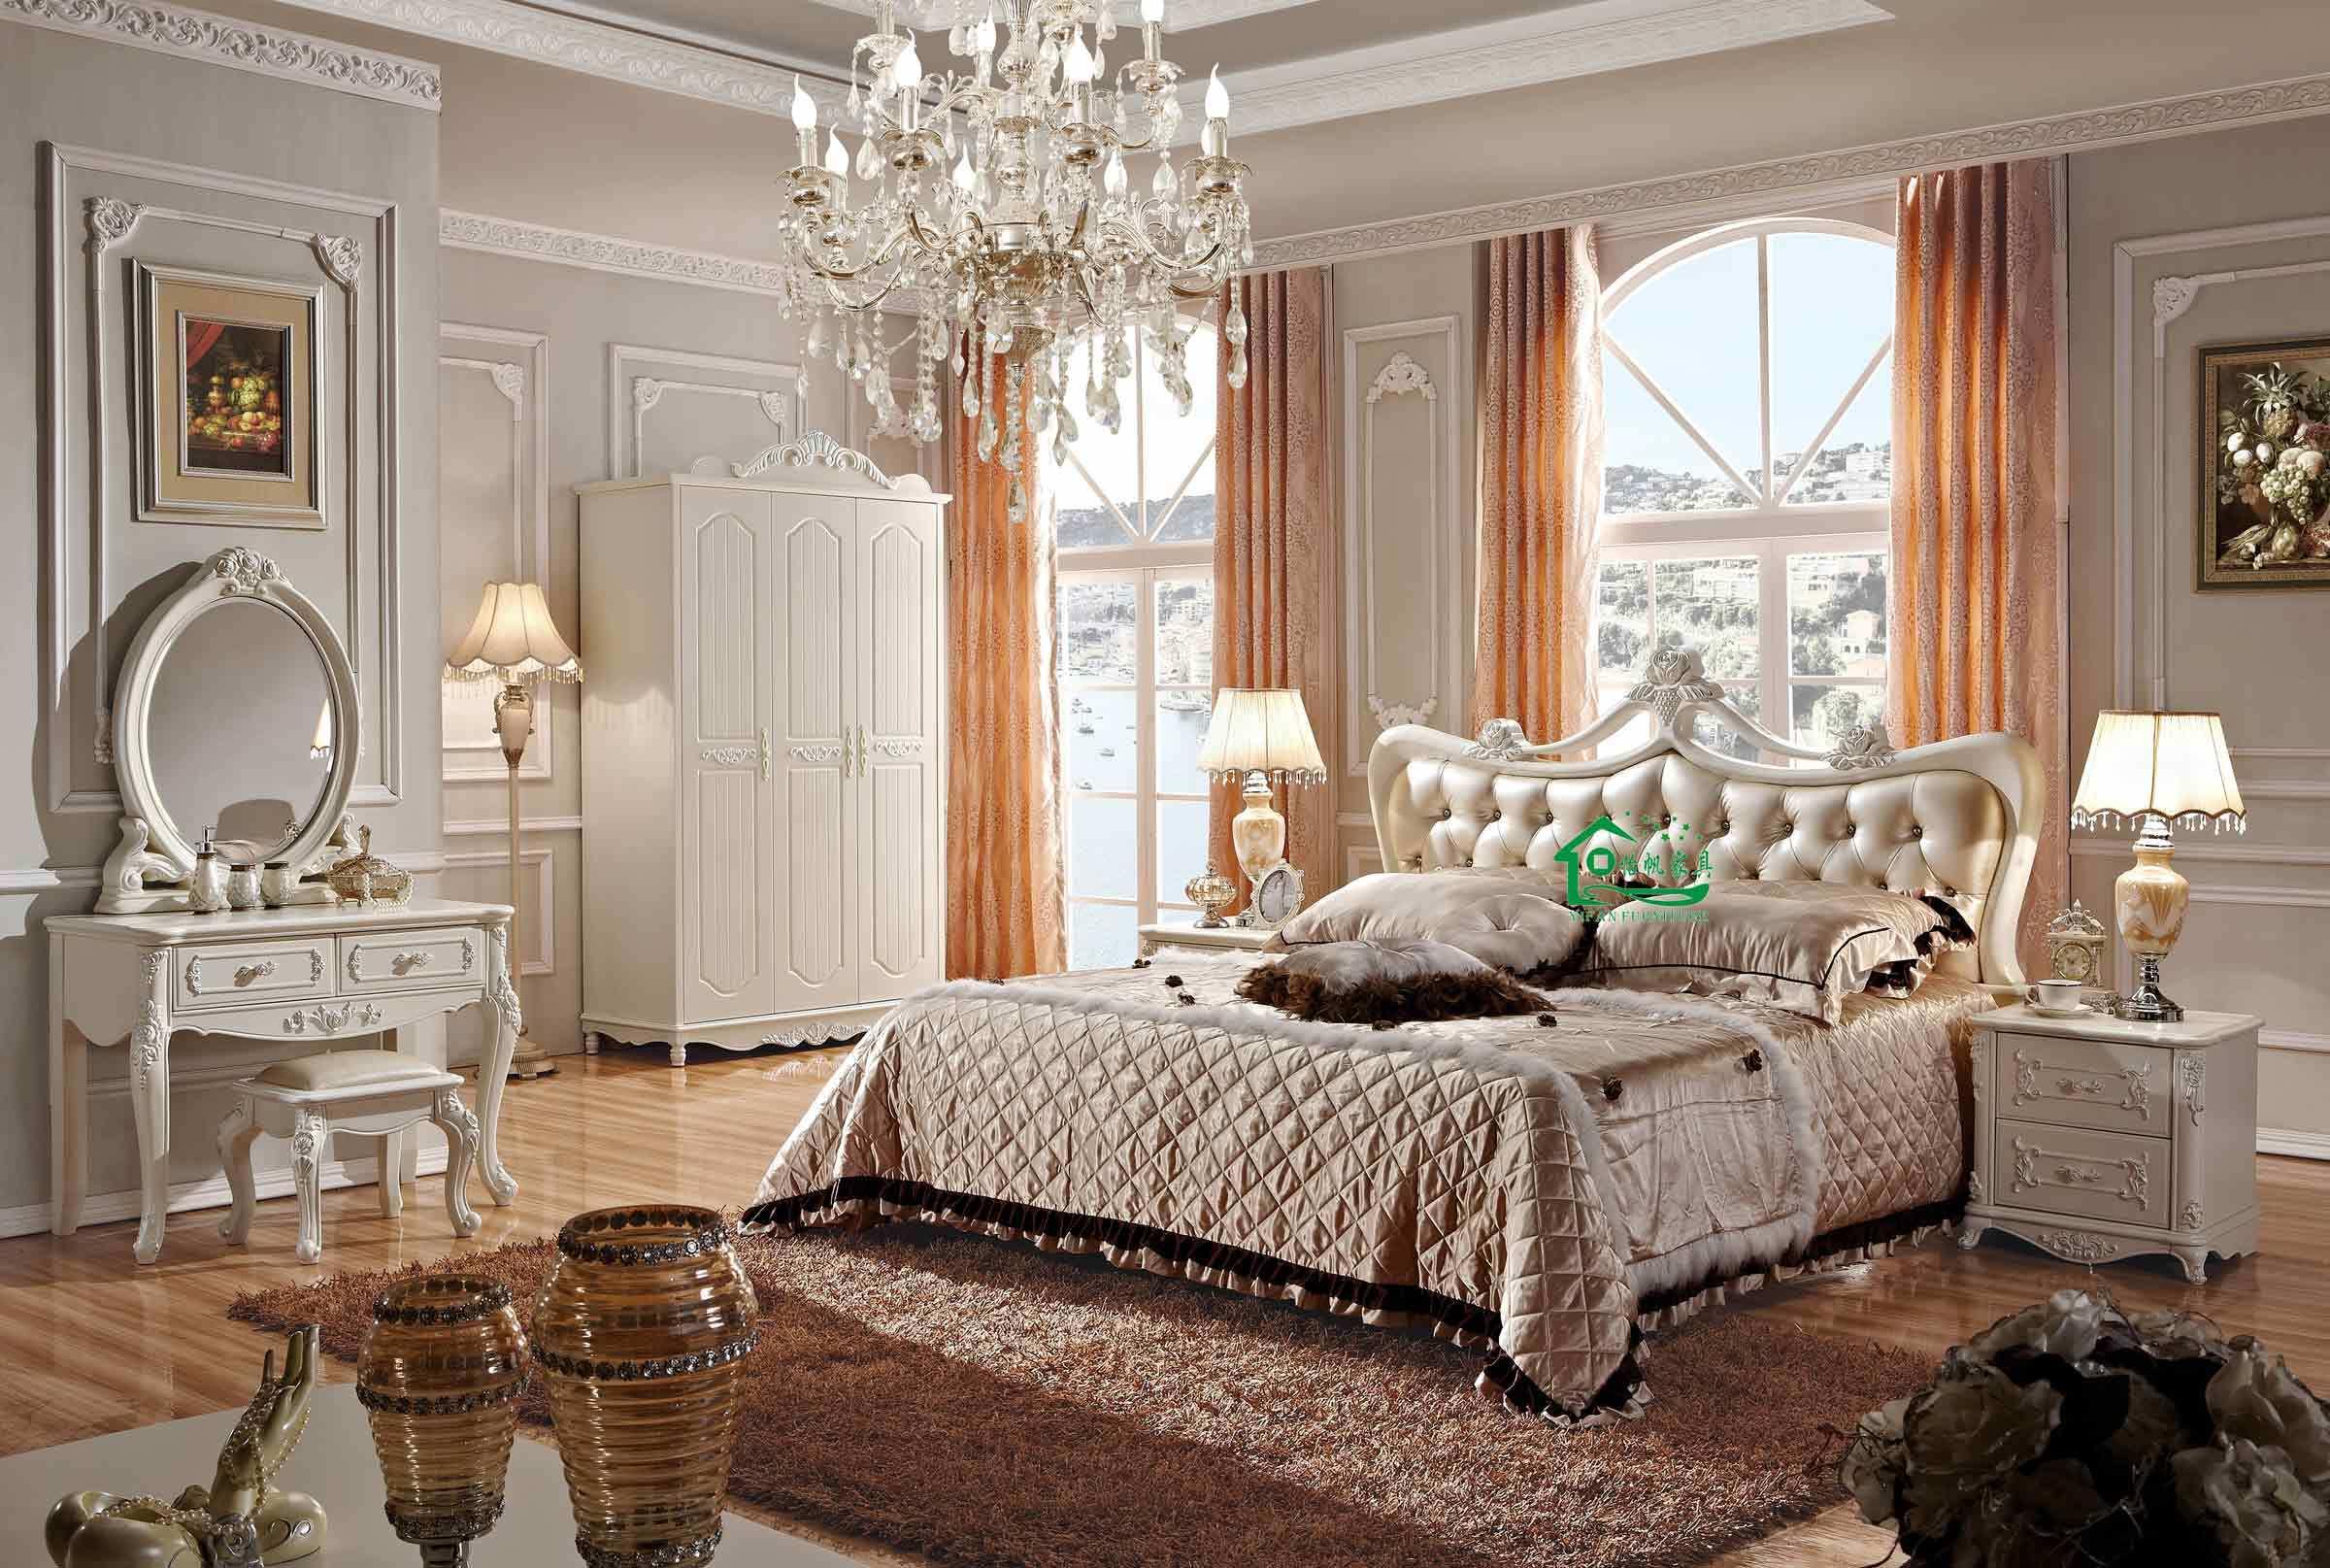 Rooms To Go Bedroom Set Muebles Franceses Del Dormitorio Del Nuevo Dise 241 O 2013 Yf